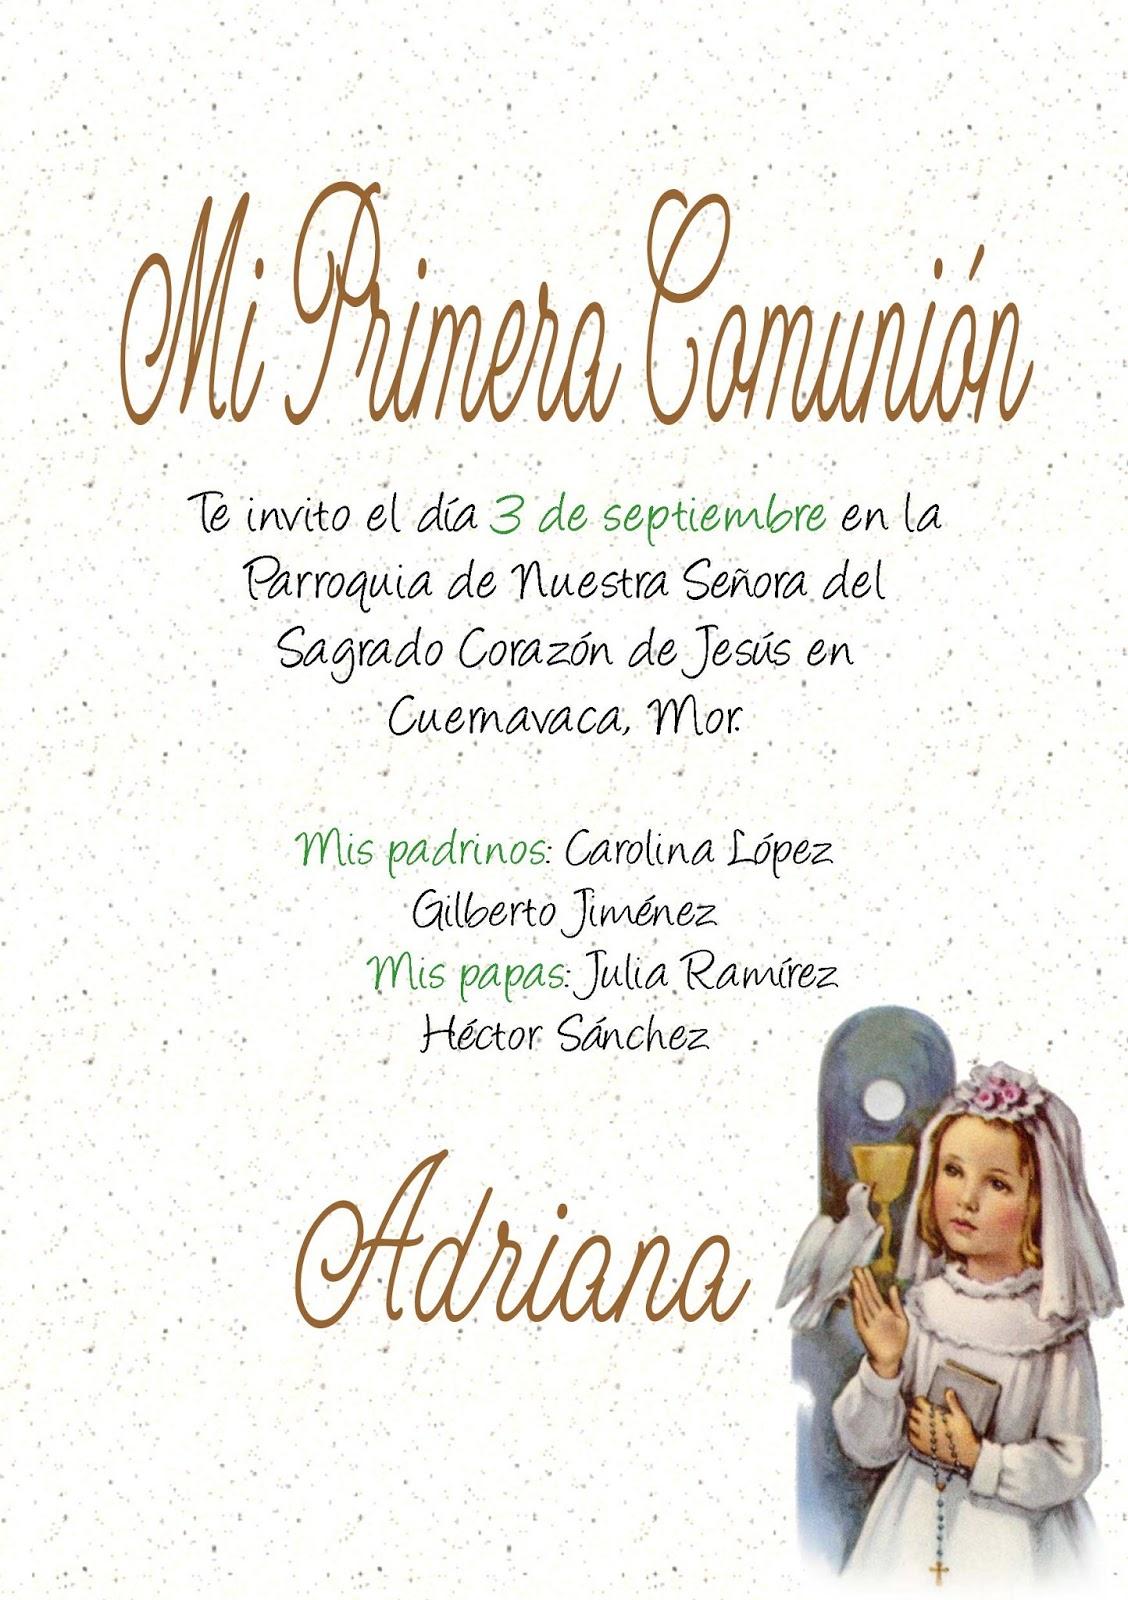 Invitaciones y Recuerdos: Invitaciones de Primera Comunión Nuevas